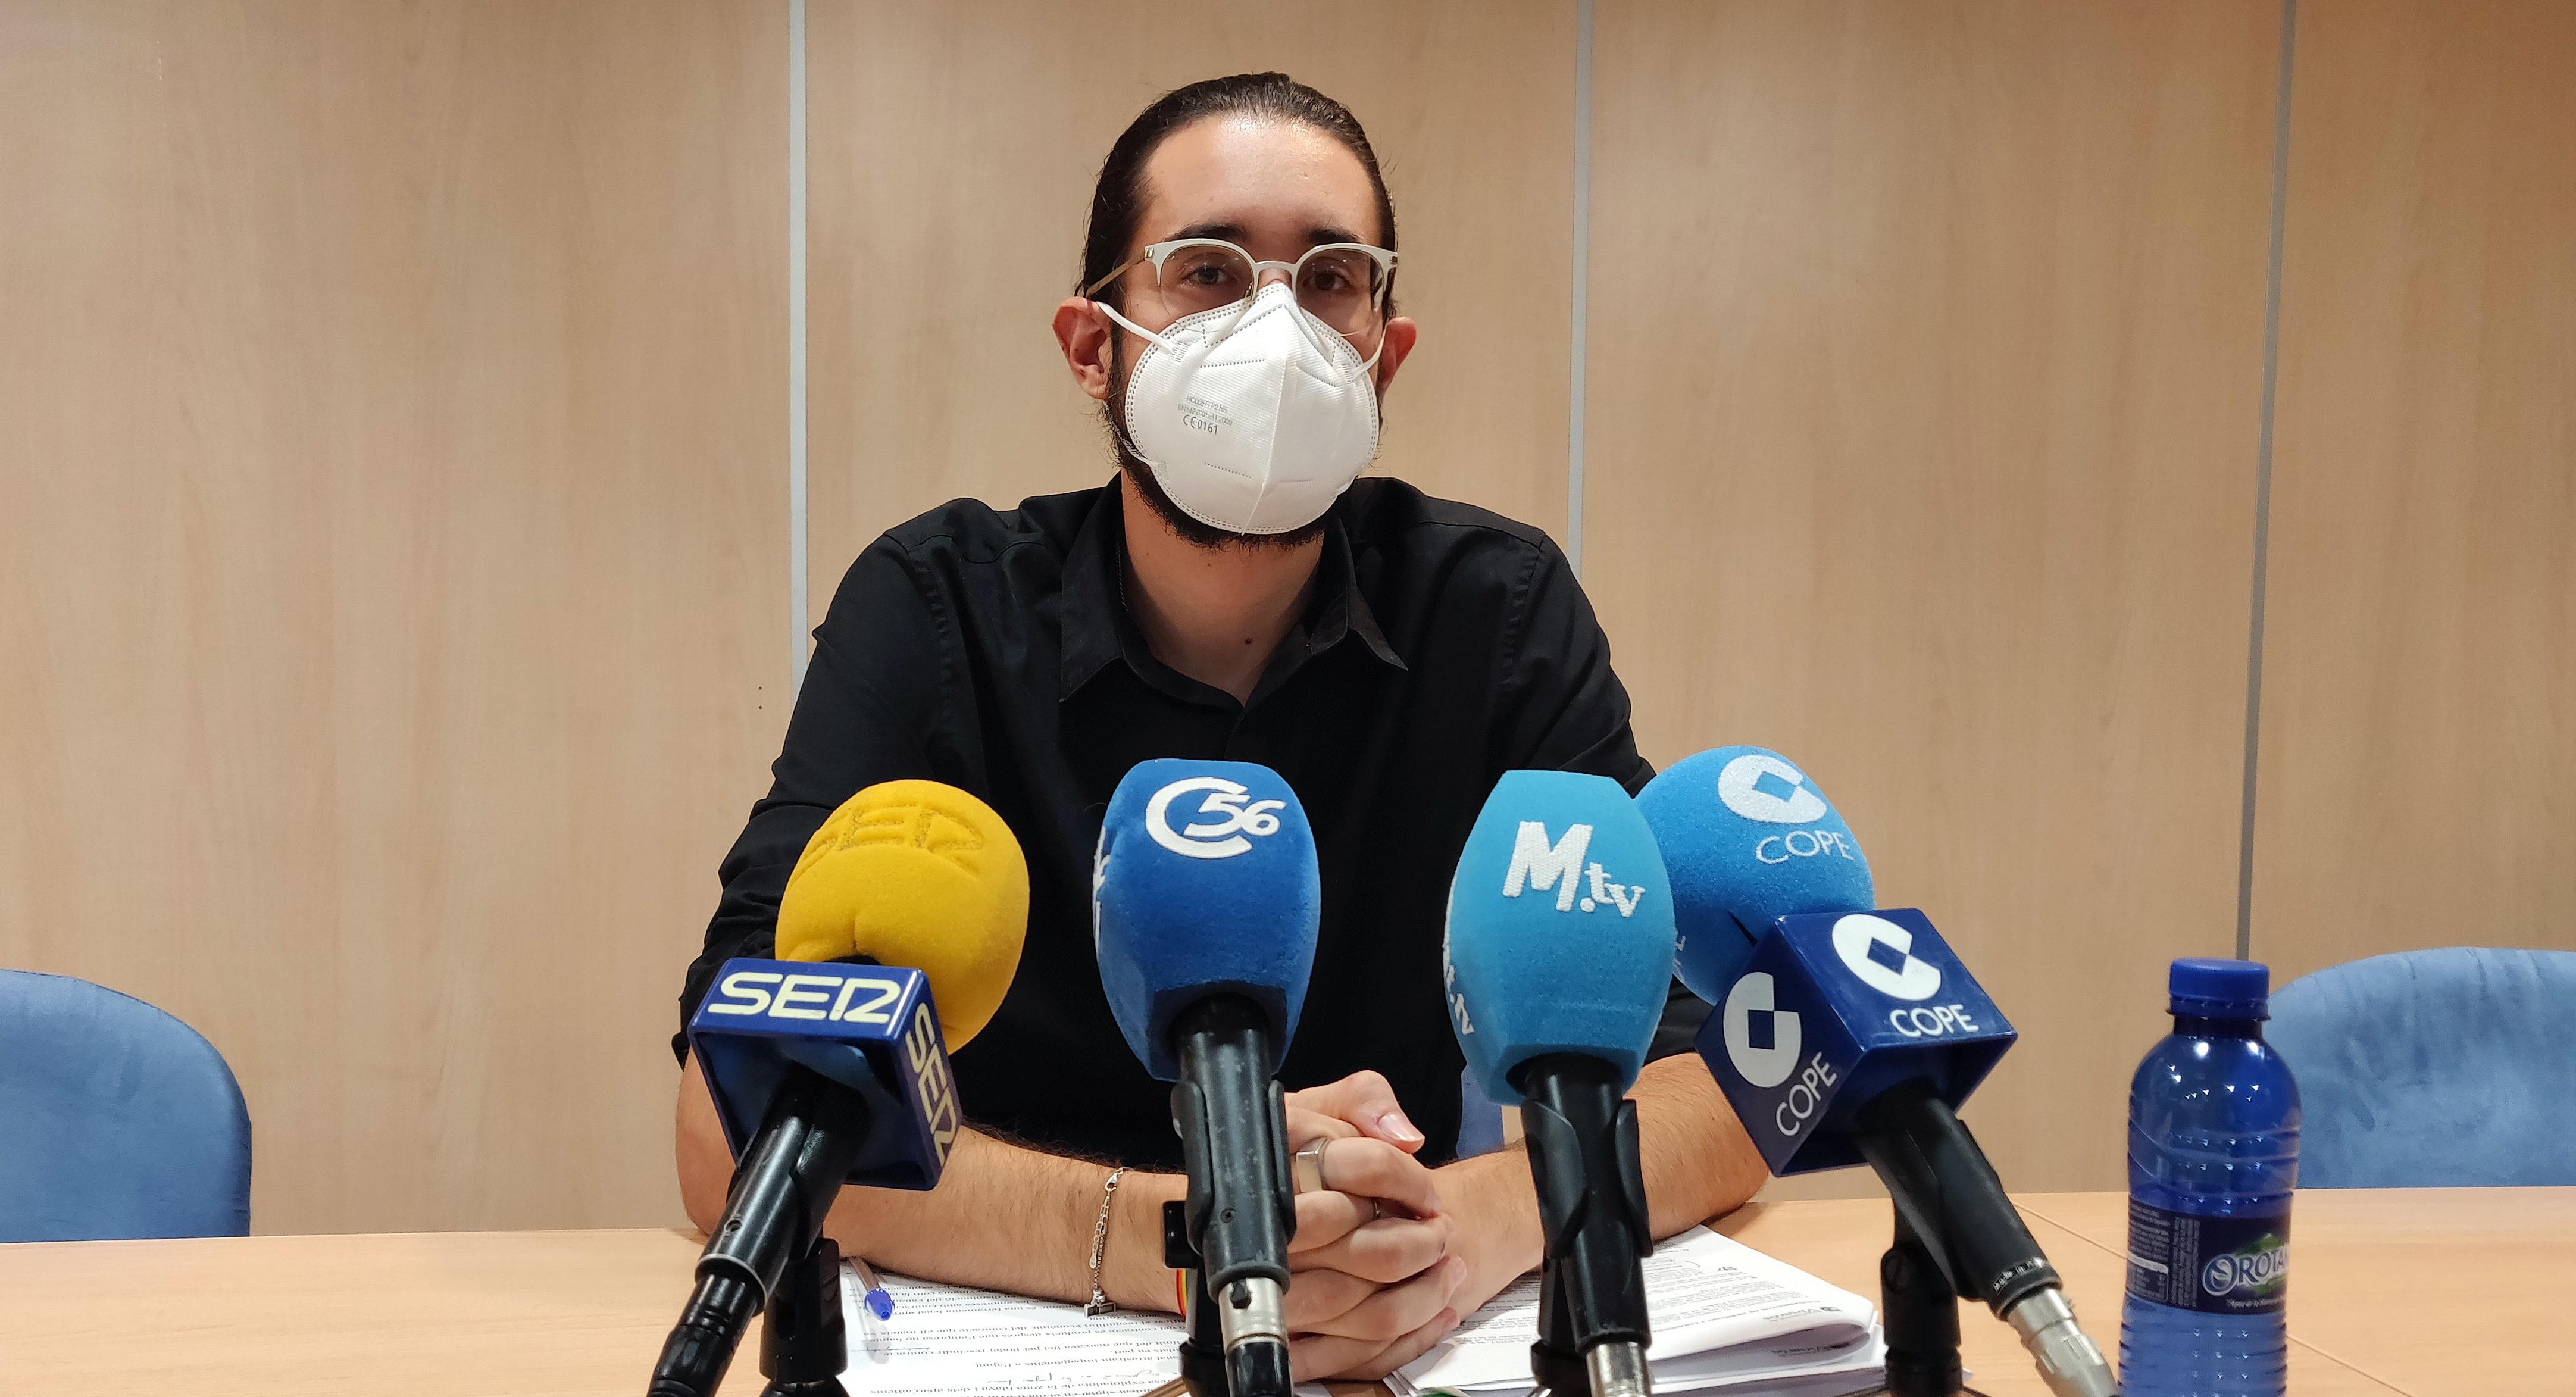 Vinaròs resoldrà el contracte amb l'empresa concessionària de la zona blava i aparcaments soterrats